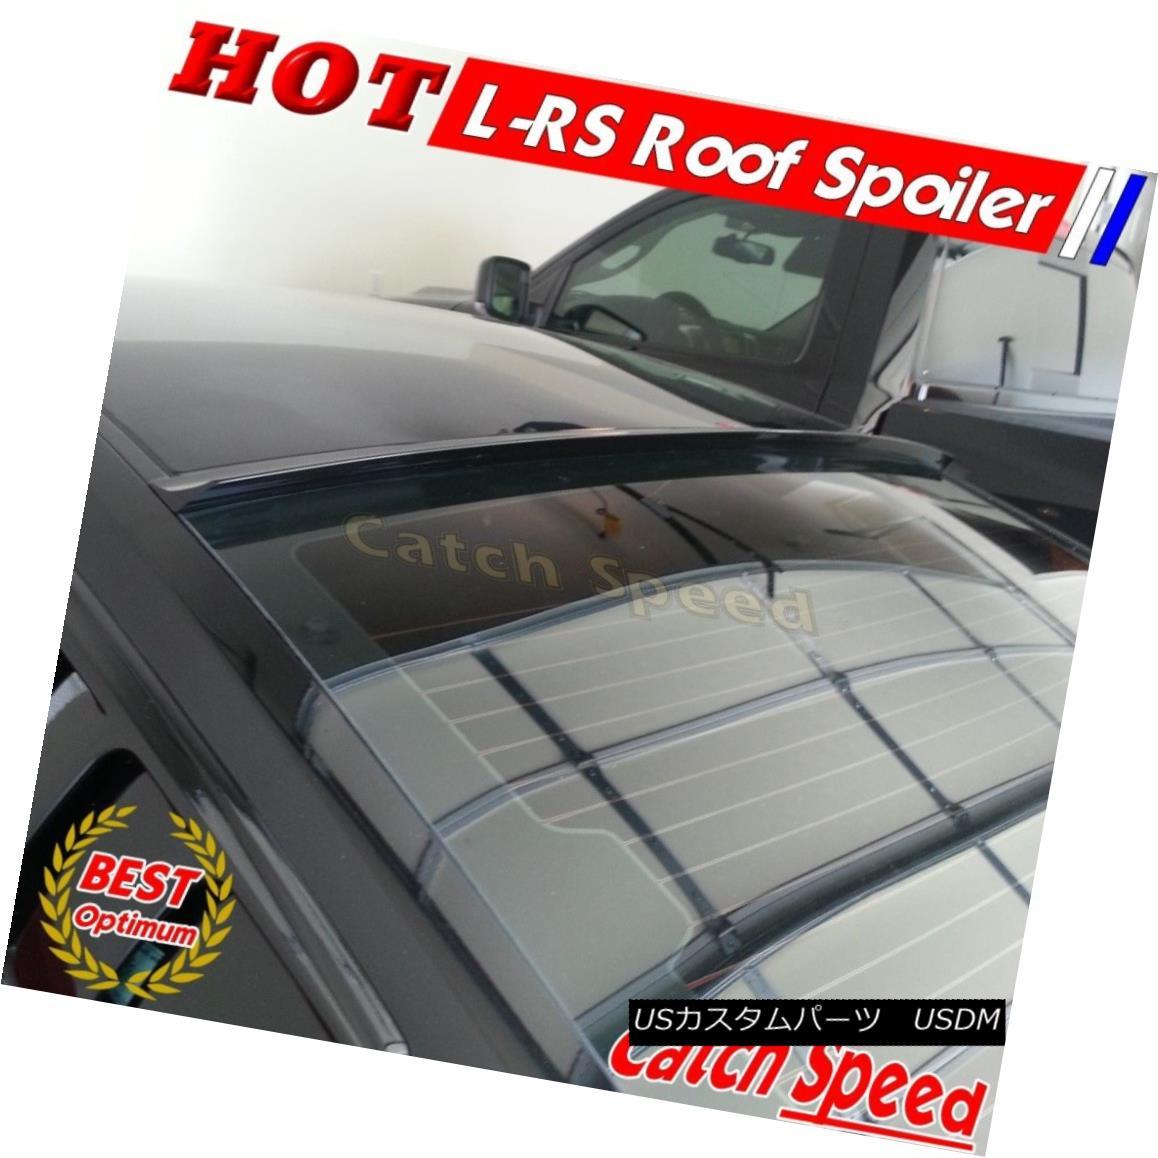 エアロパーツ Painted LRS Style Rear Roof Spoiler Wing For Mazda 3 Axela 2014 ~ 2015 Sedan ? マツダ3アクセル2014?2015セダンのための塗装LRSスタイルのリアルーフスポイラーウイング?